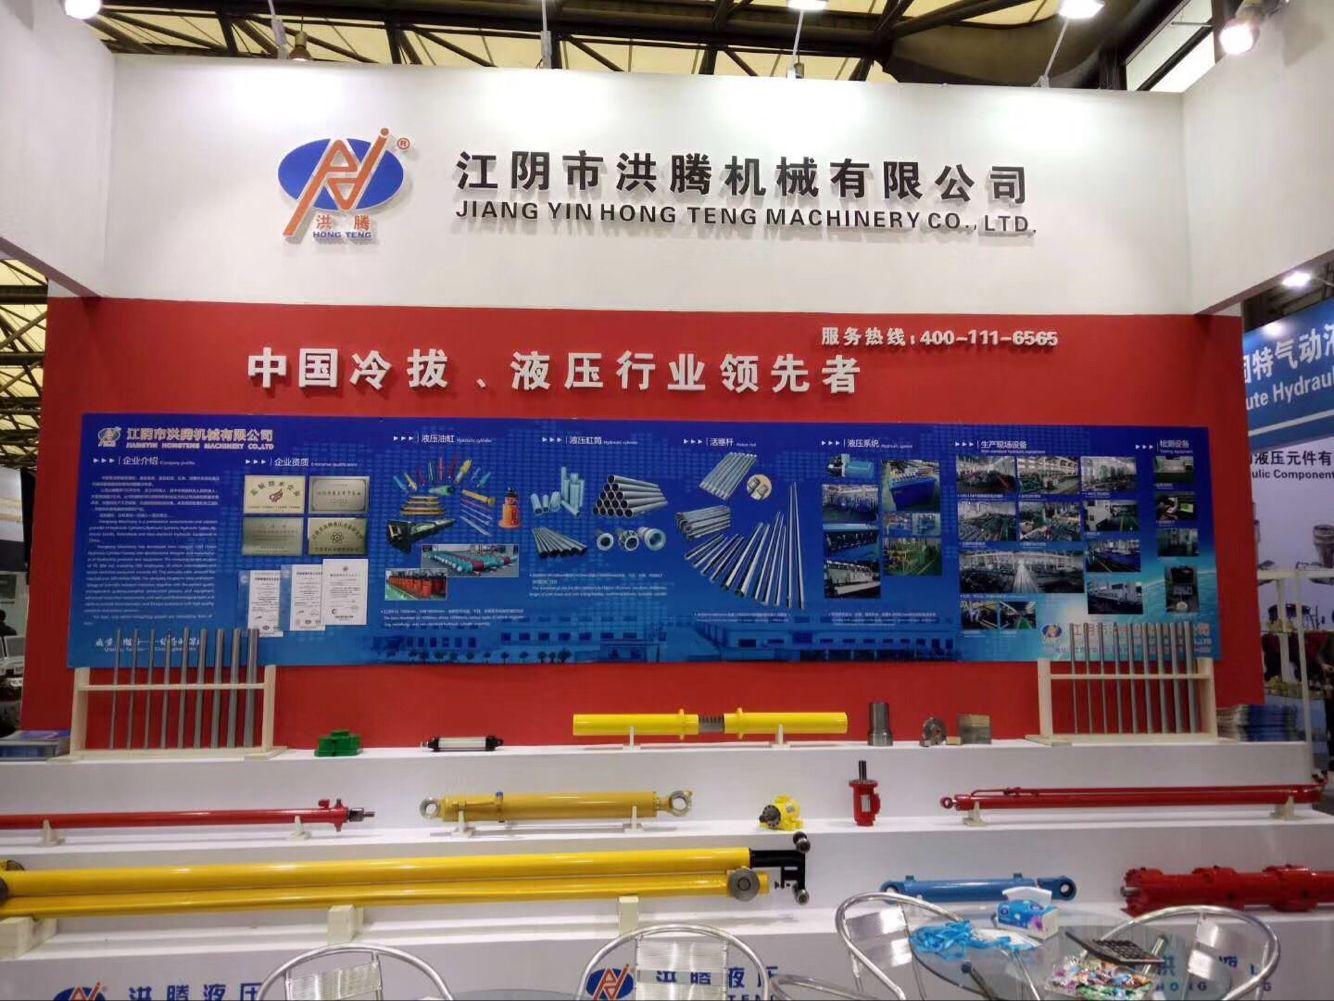 2017年10月31日-11月3日,亚洲国际动力传动与控制技术展览会(PTC ASIA)。江阴市洪腾机械有限公司展位号E4 D1-1,欢迎新老客户前来参观、洽谈!